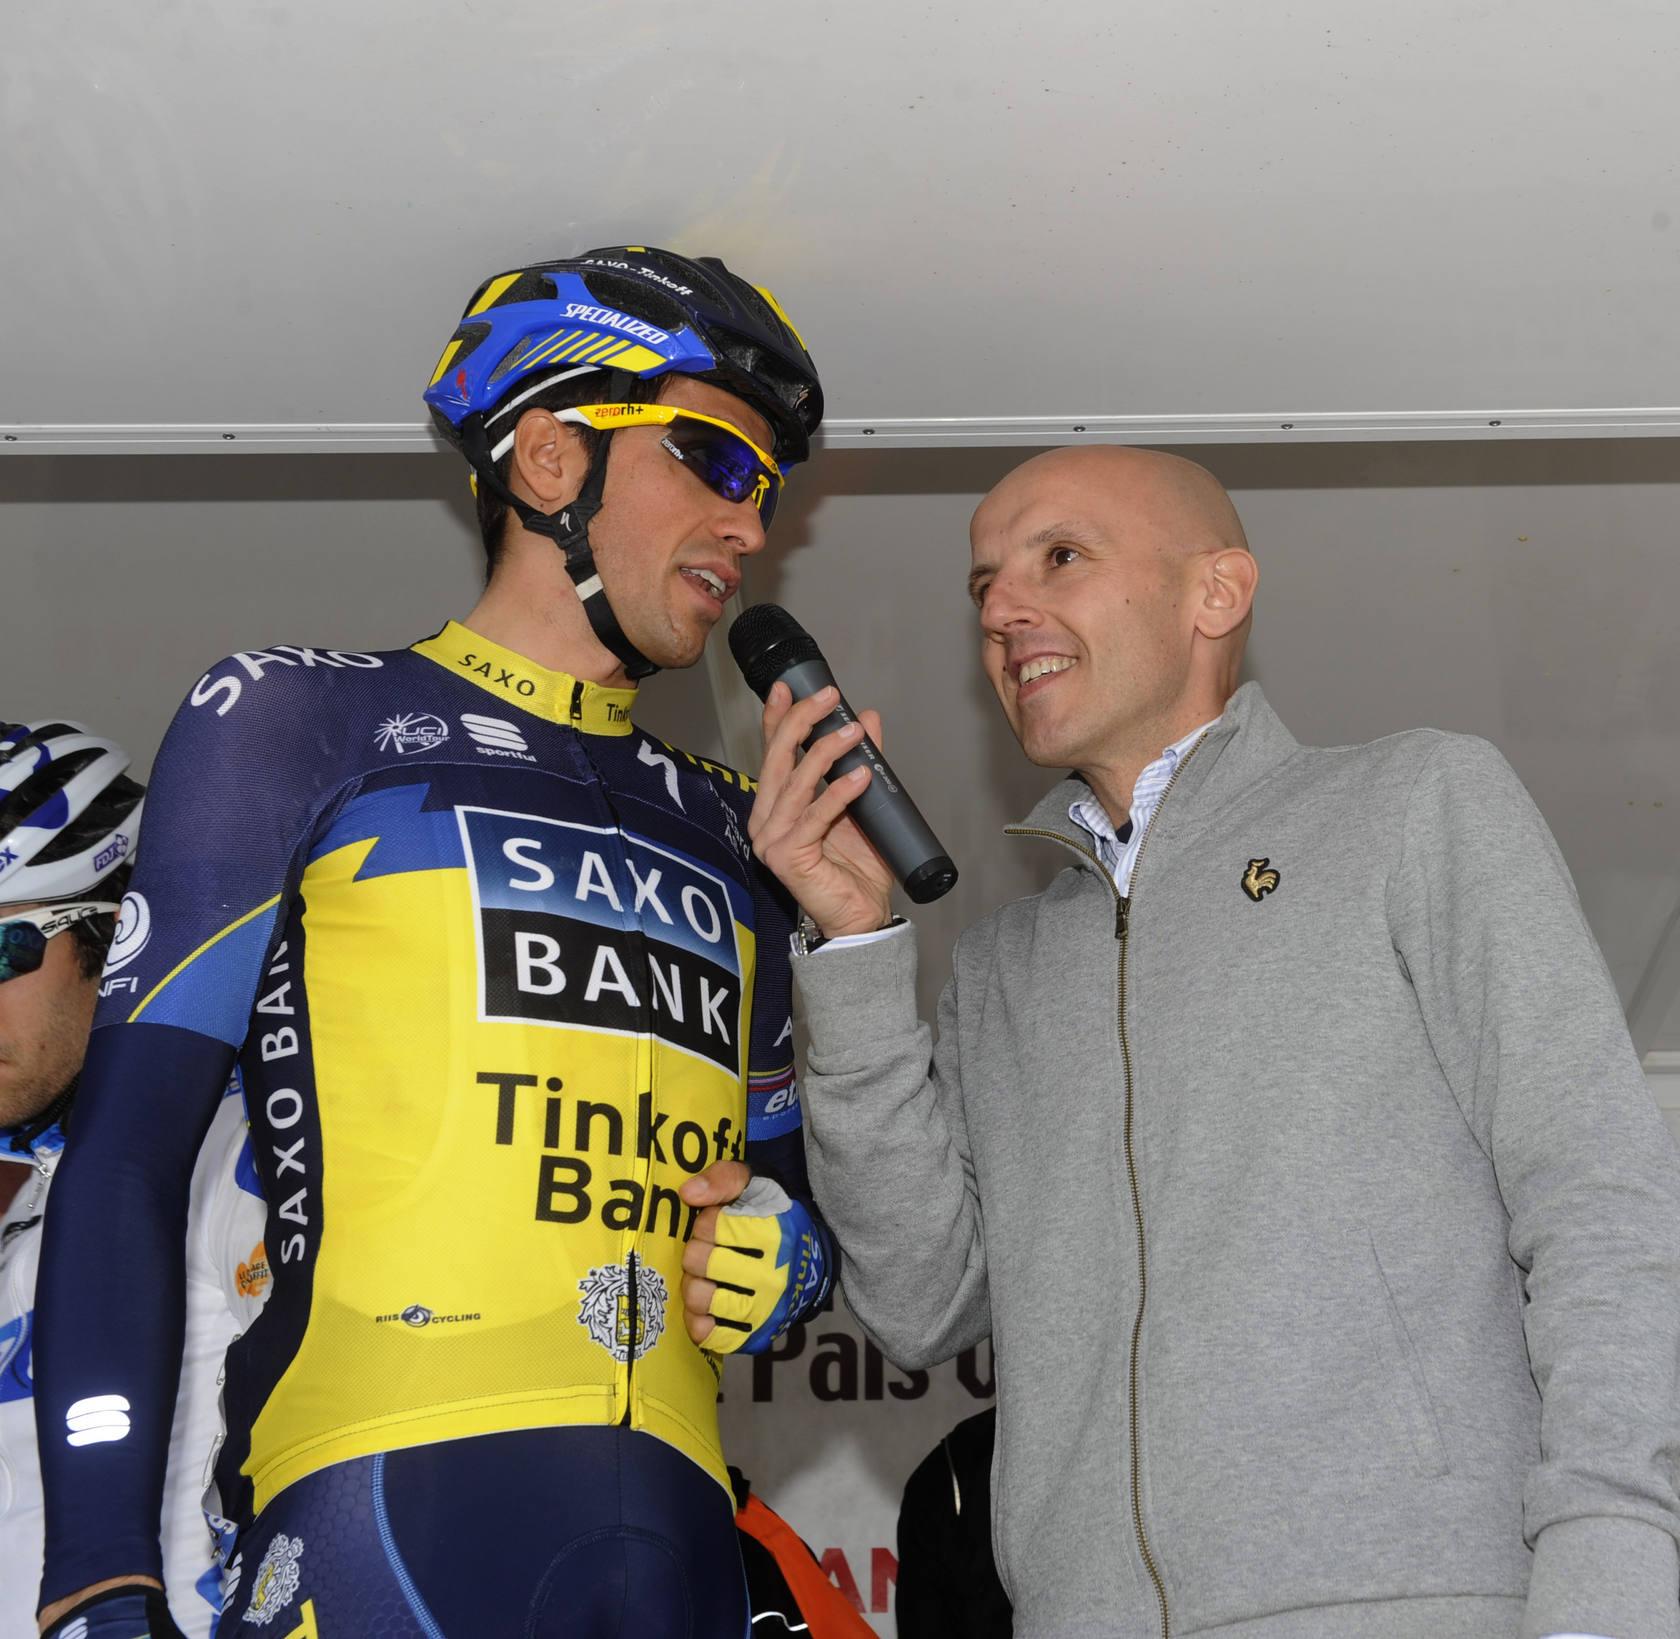 Tercera etapa de la Vuelta al País Vasco